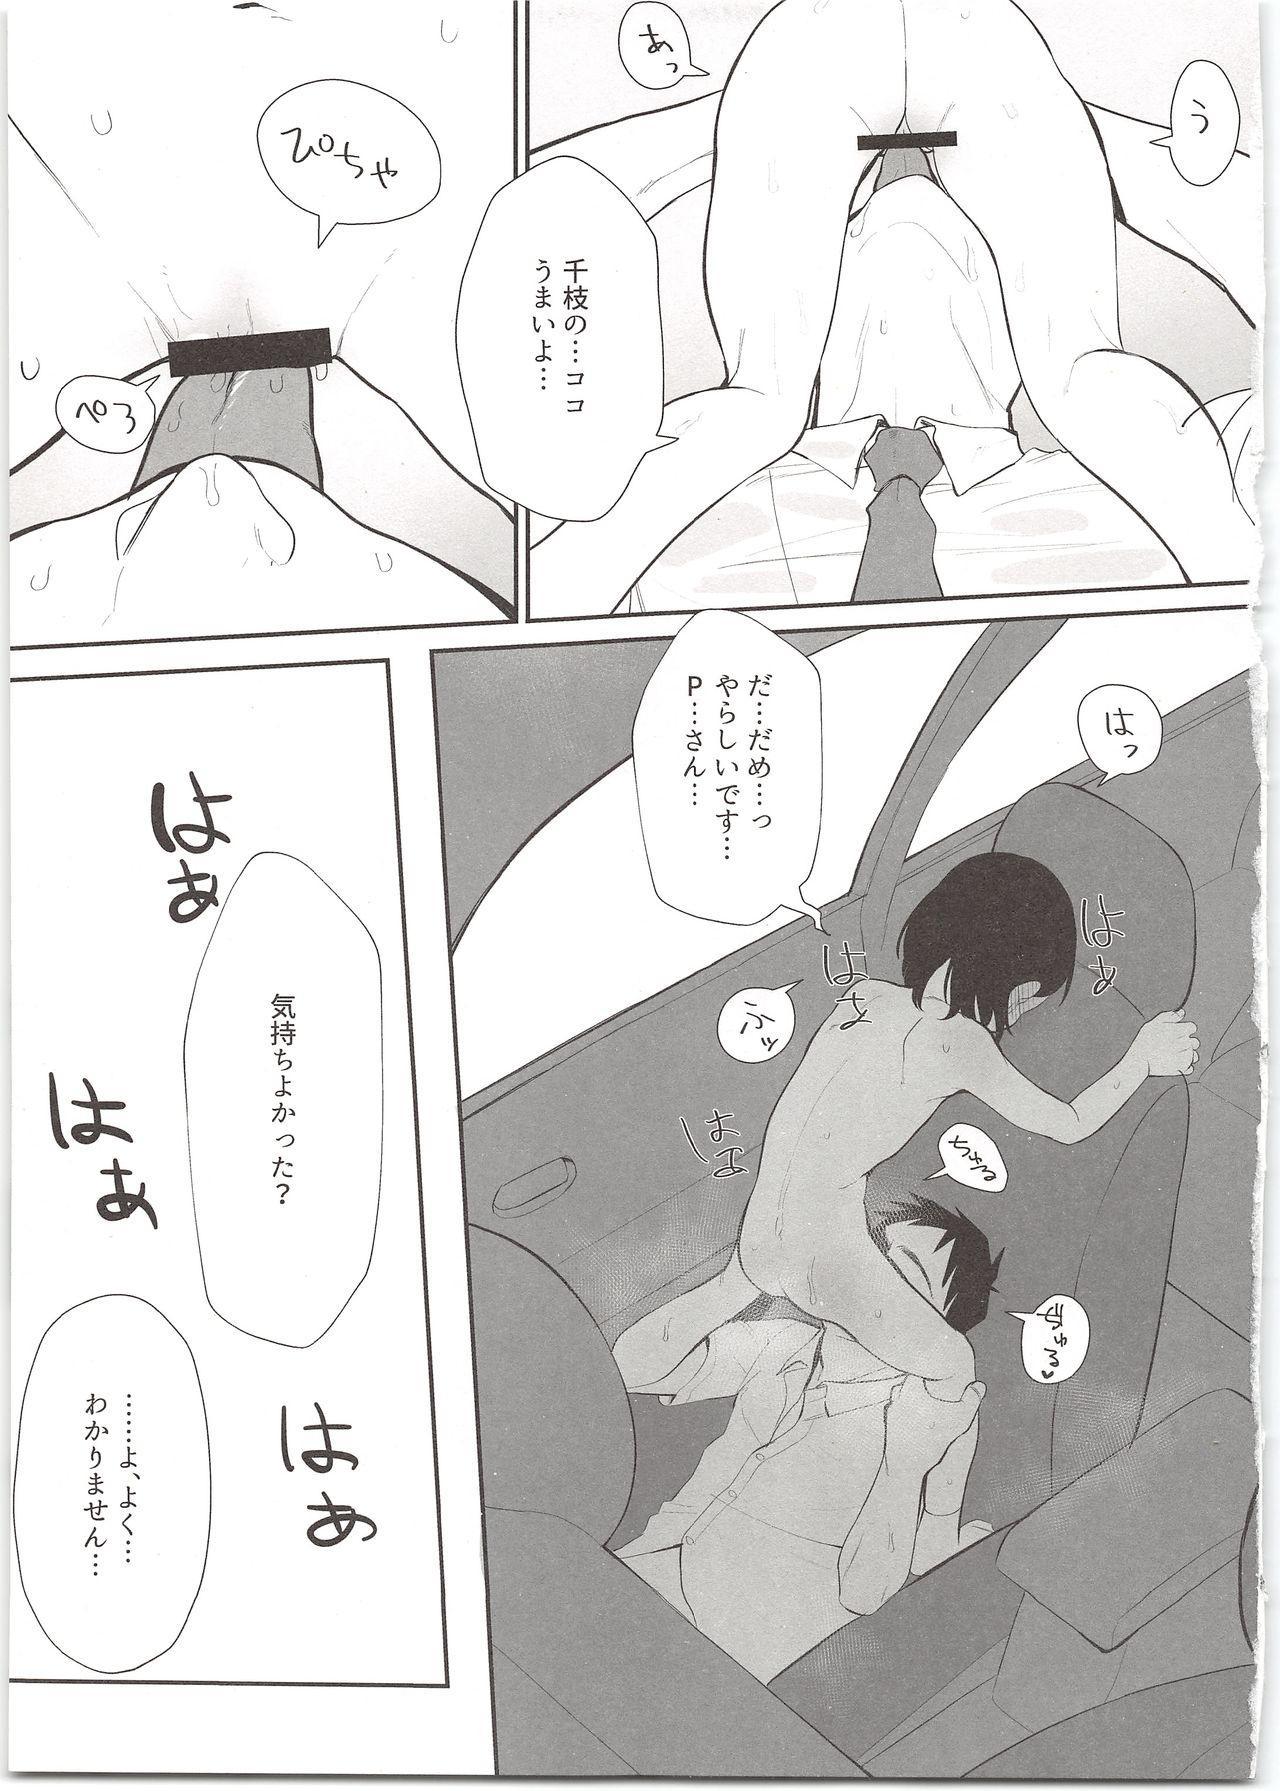 Midara no Shiro Usagi 14